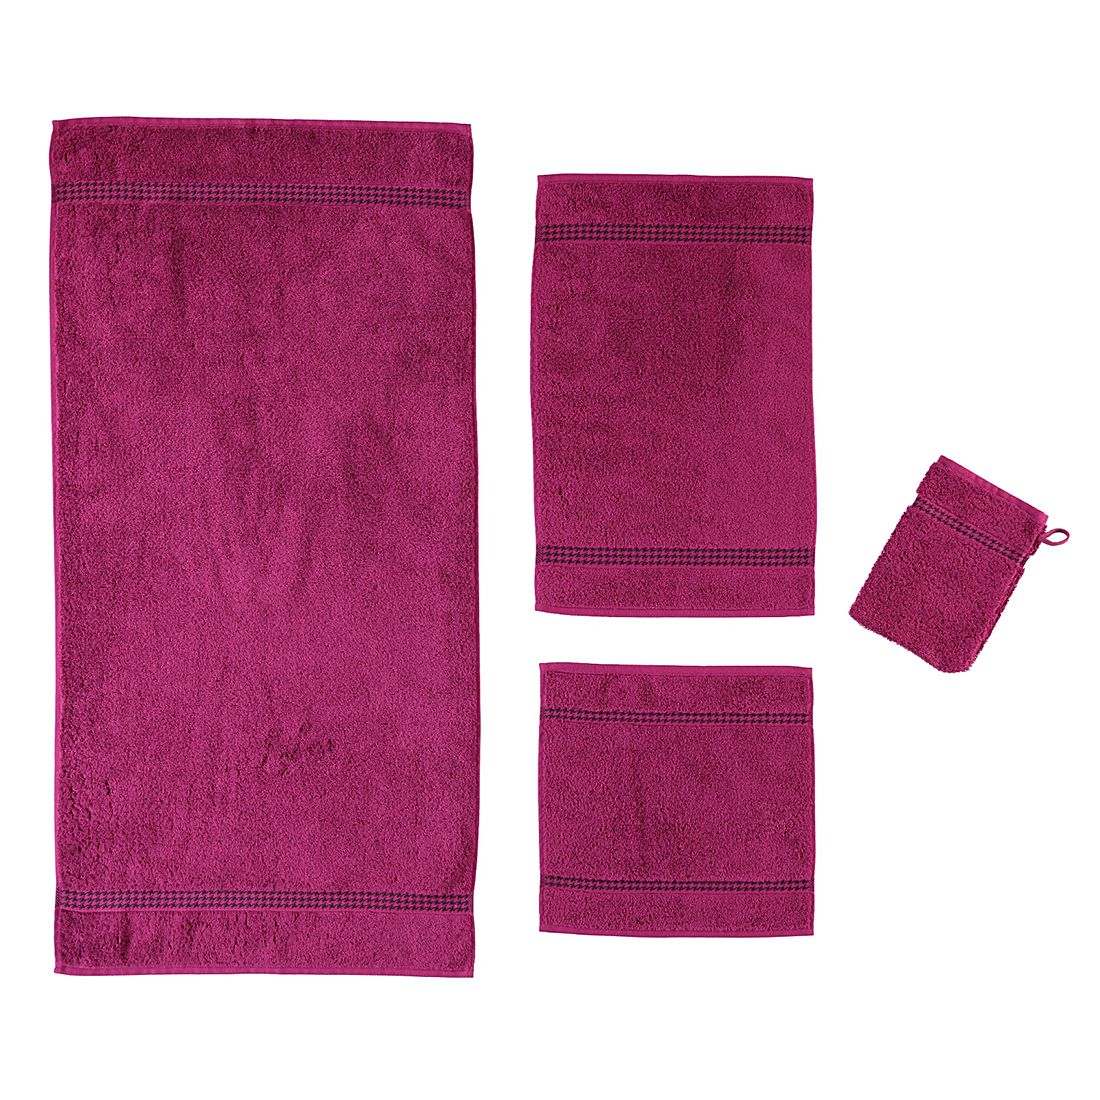 Handtücher Selection Uni 4010 – Baumwolle – Fuchsia – Seiflappen 30×30 cm, Cawö online kaufen